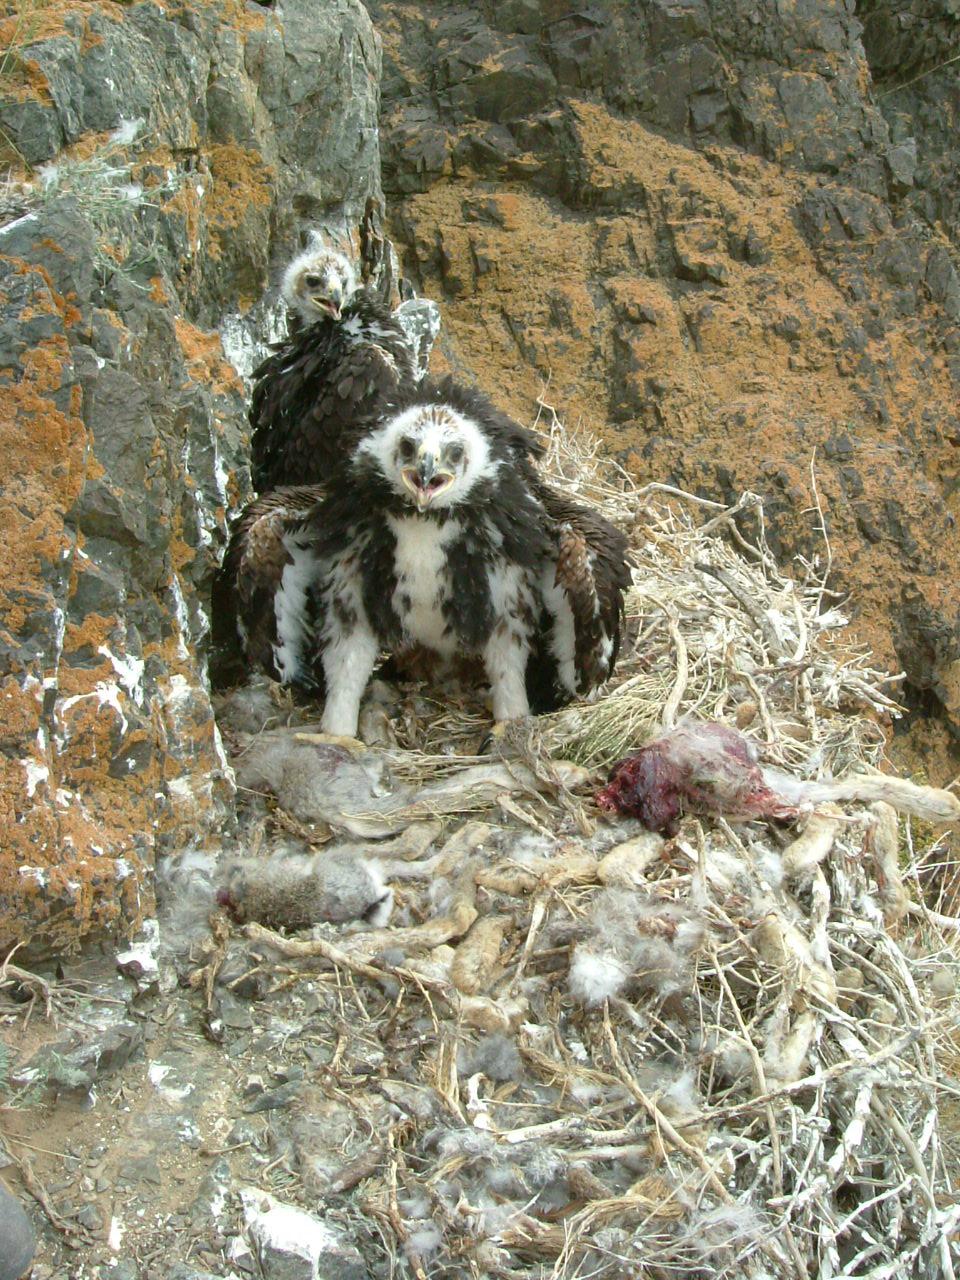 18两只金雕幼鸟在窝里-比赛吃野兔的冠军-马鸣 摄.jpg